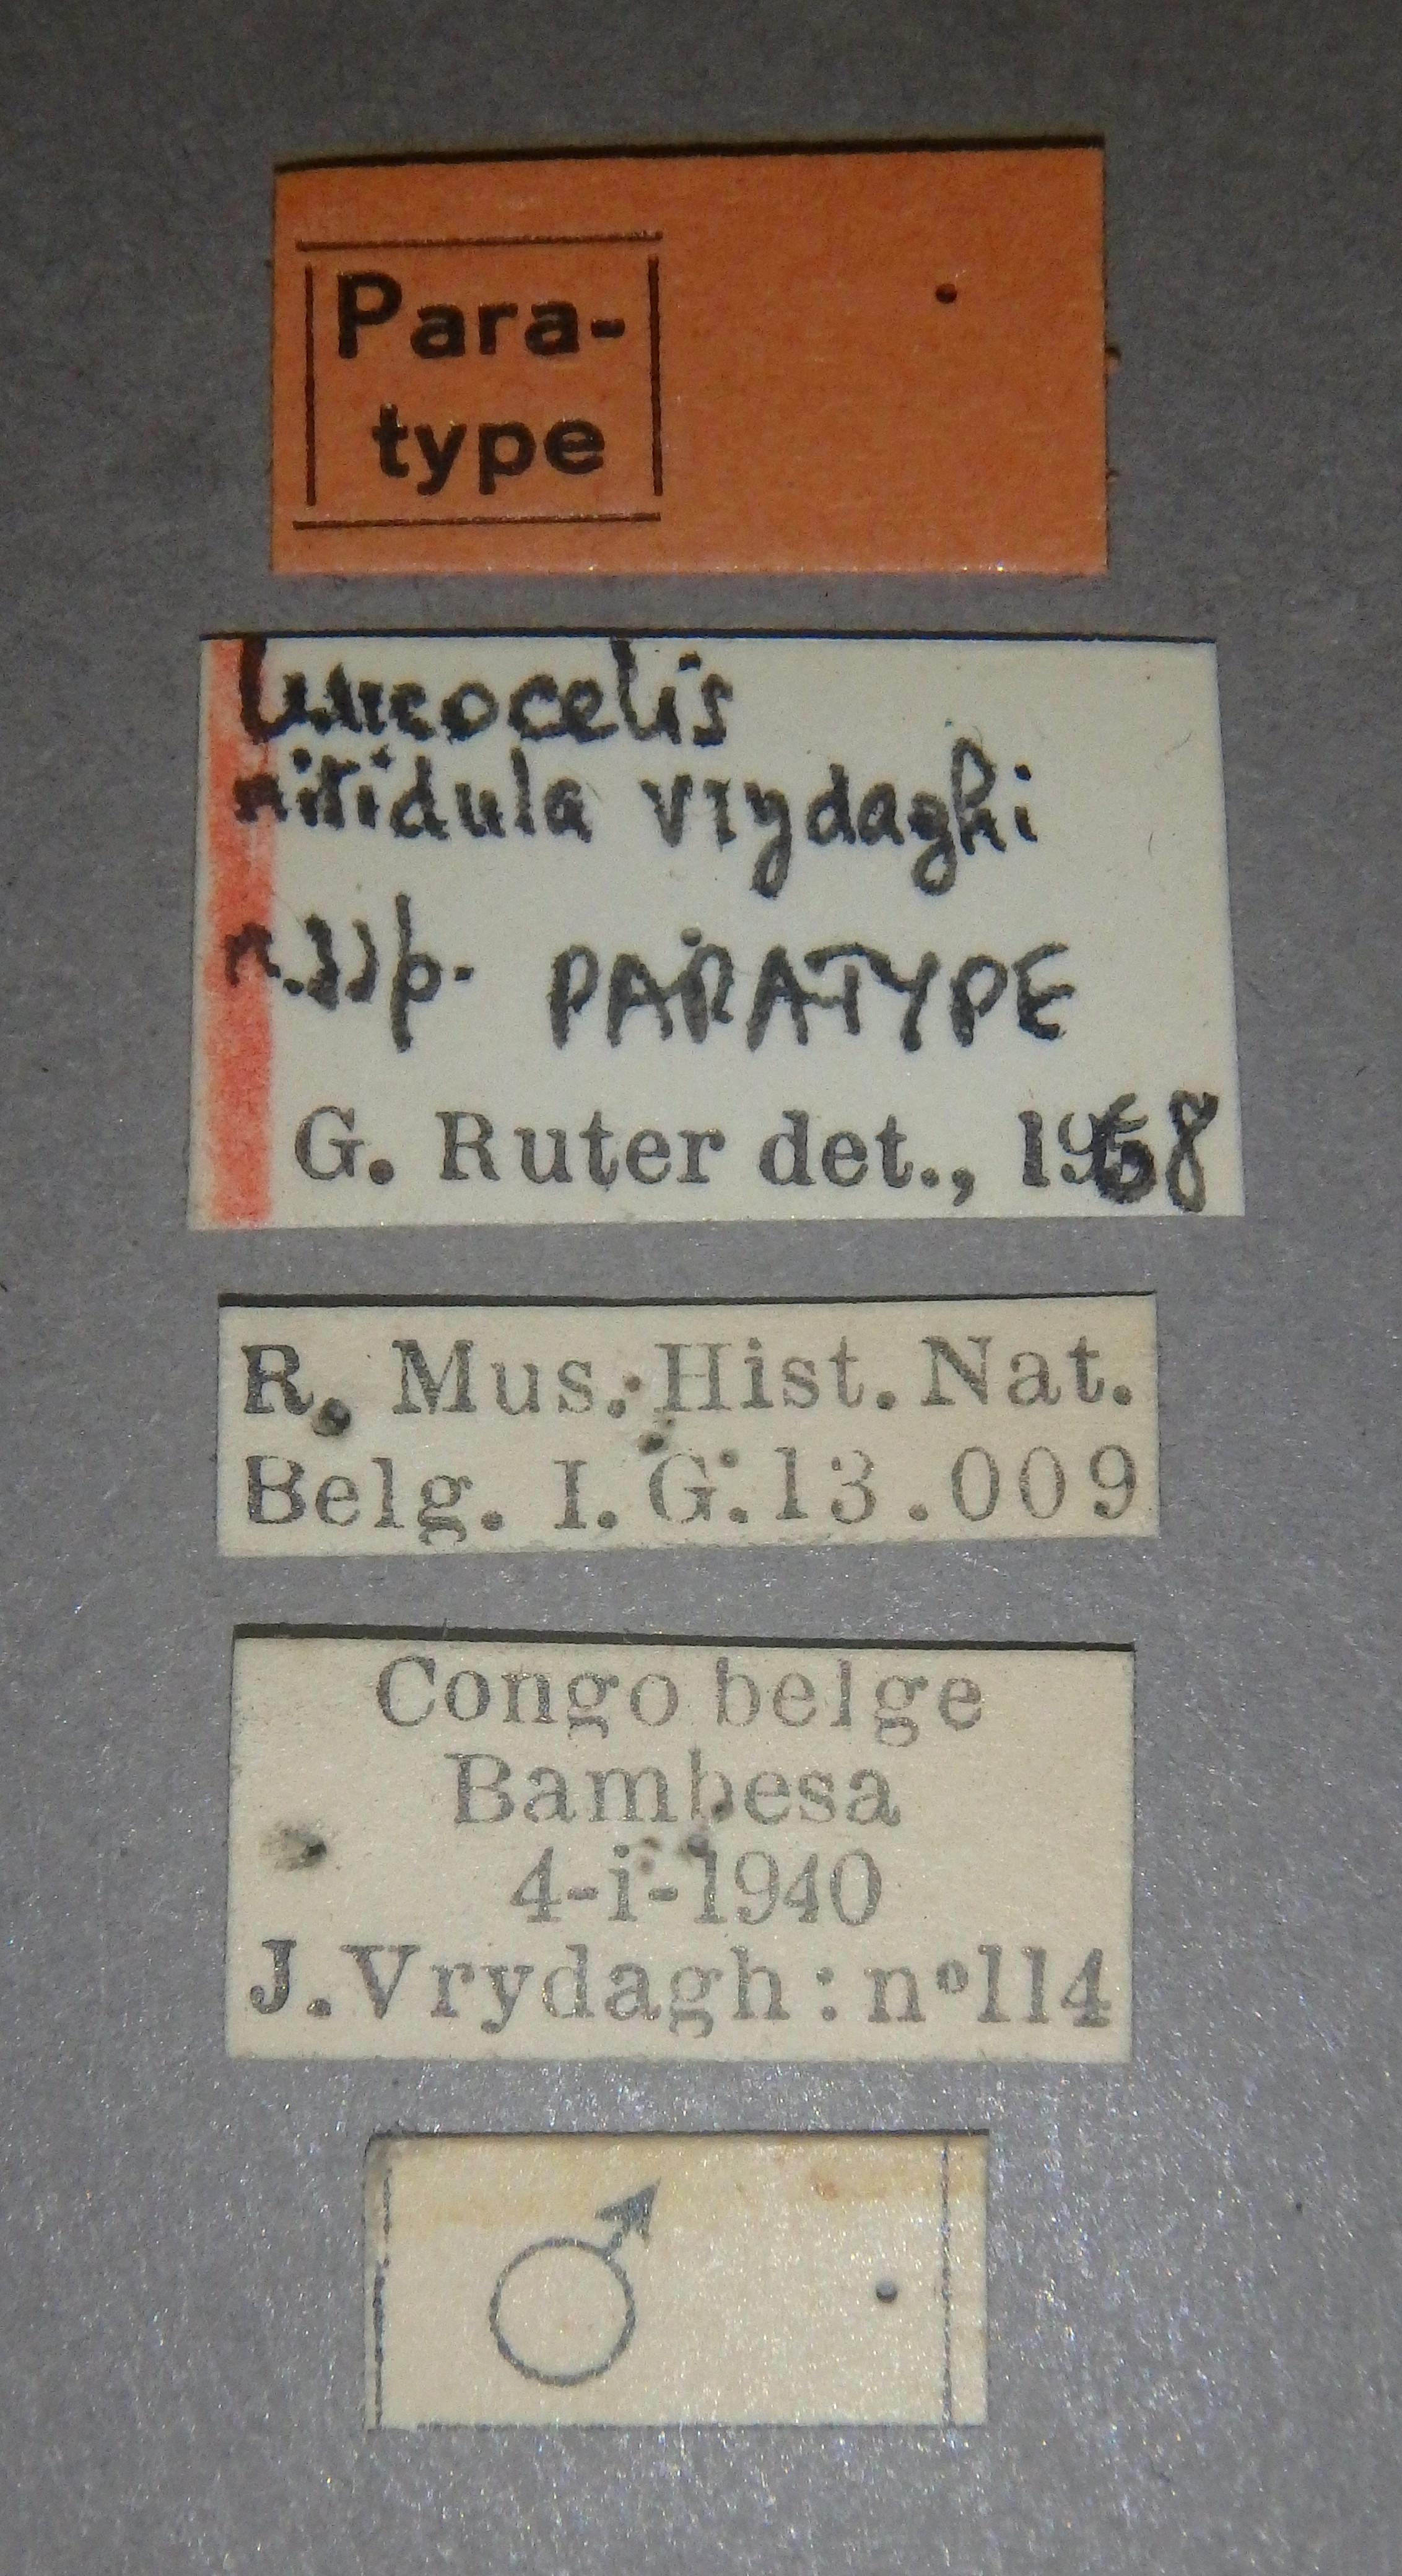 Leucocelis nitidula vrydaghi pt1 Lb.JPG